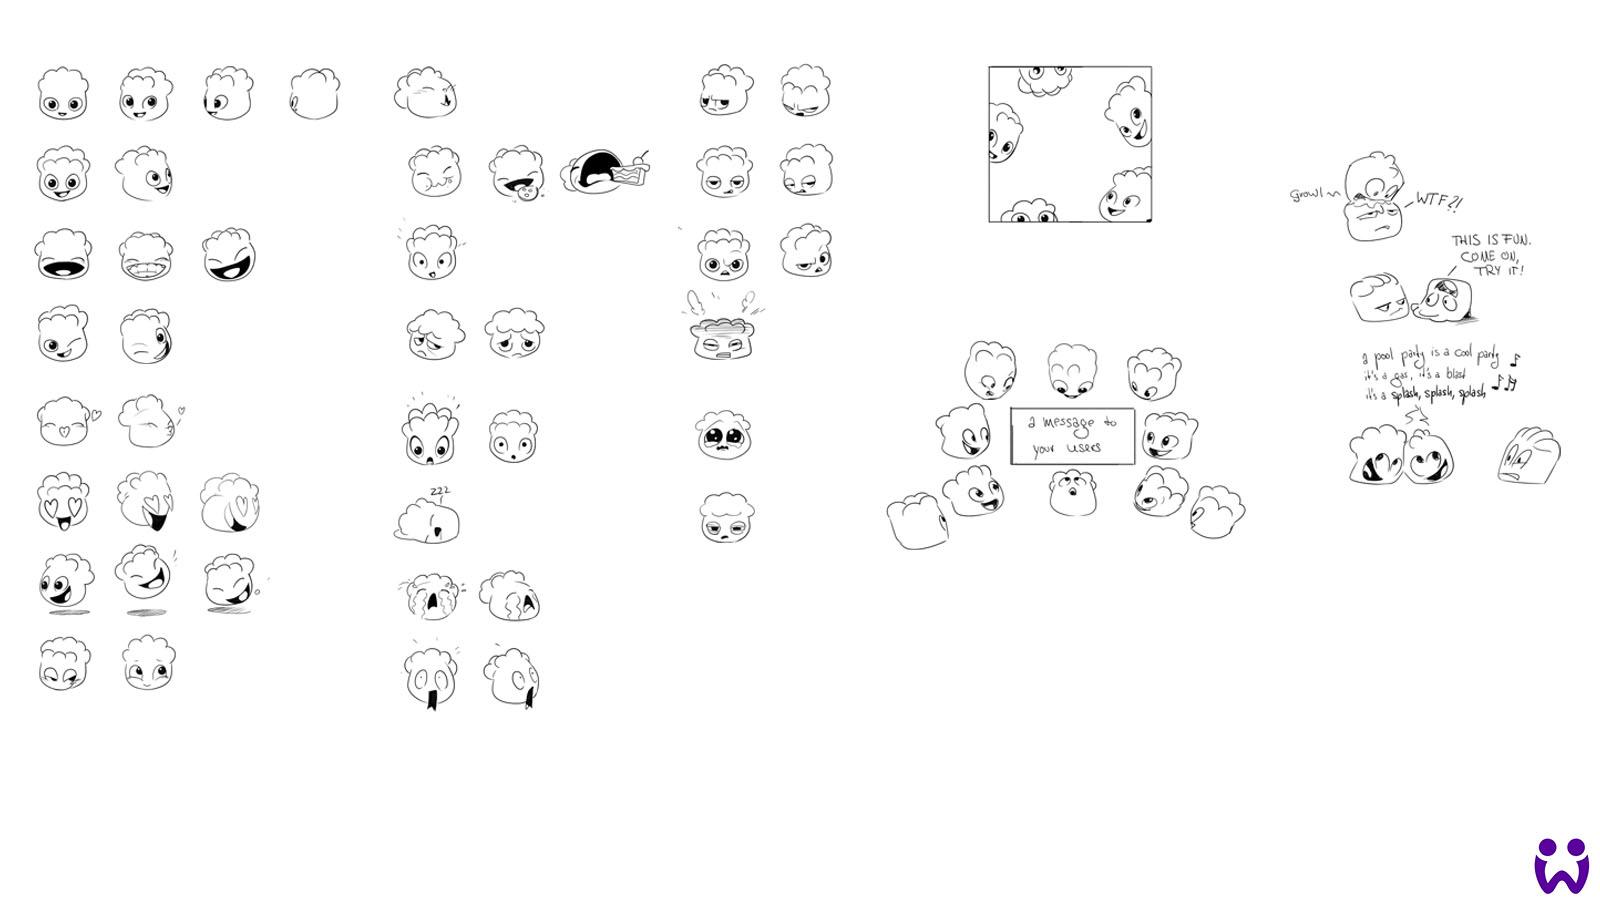 Skizzen für Jelly-character Emojis. Gedacht für das Social Media Team. Für Woogas Mobile Game Jelly Splash